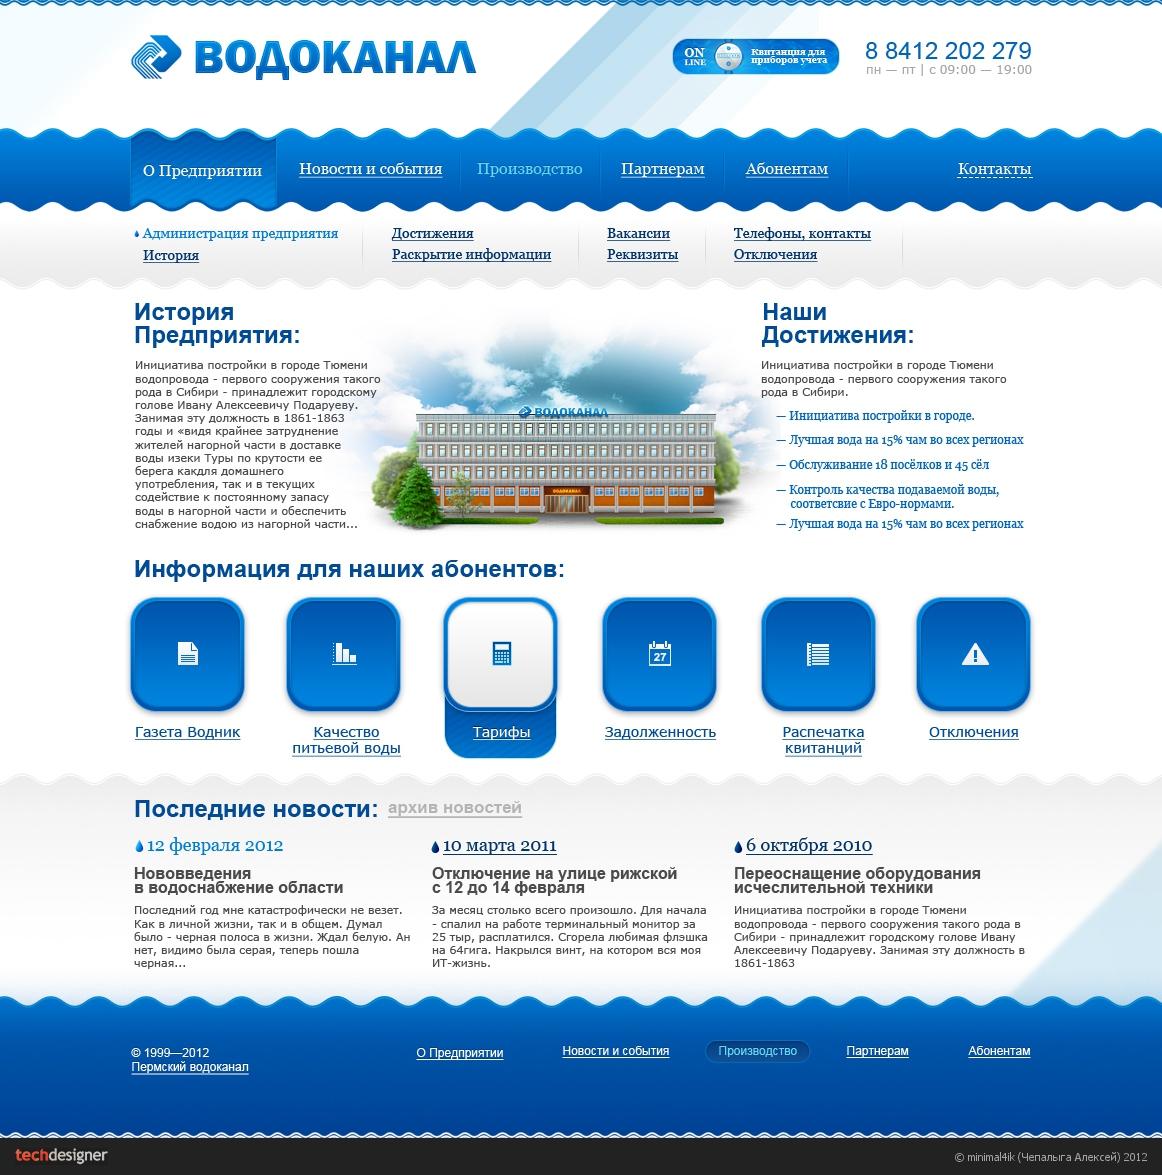 Лого ру пермь, бесплатные фото, обои ...: pictures11.ru/logo-ru-perm.html